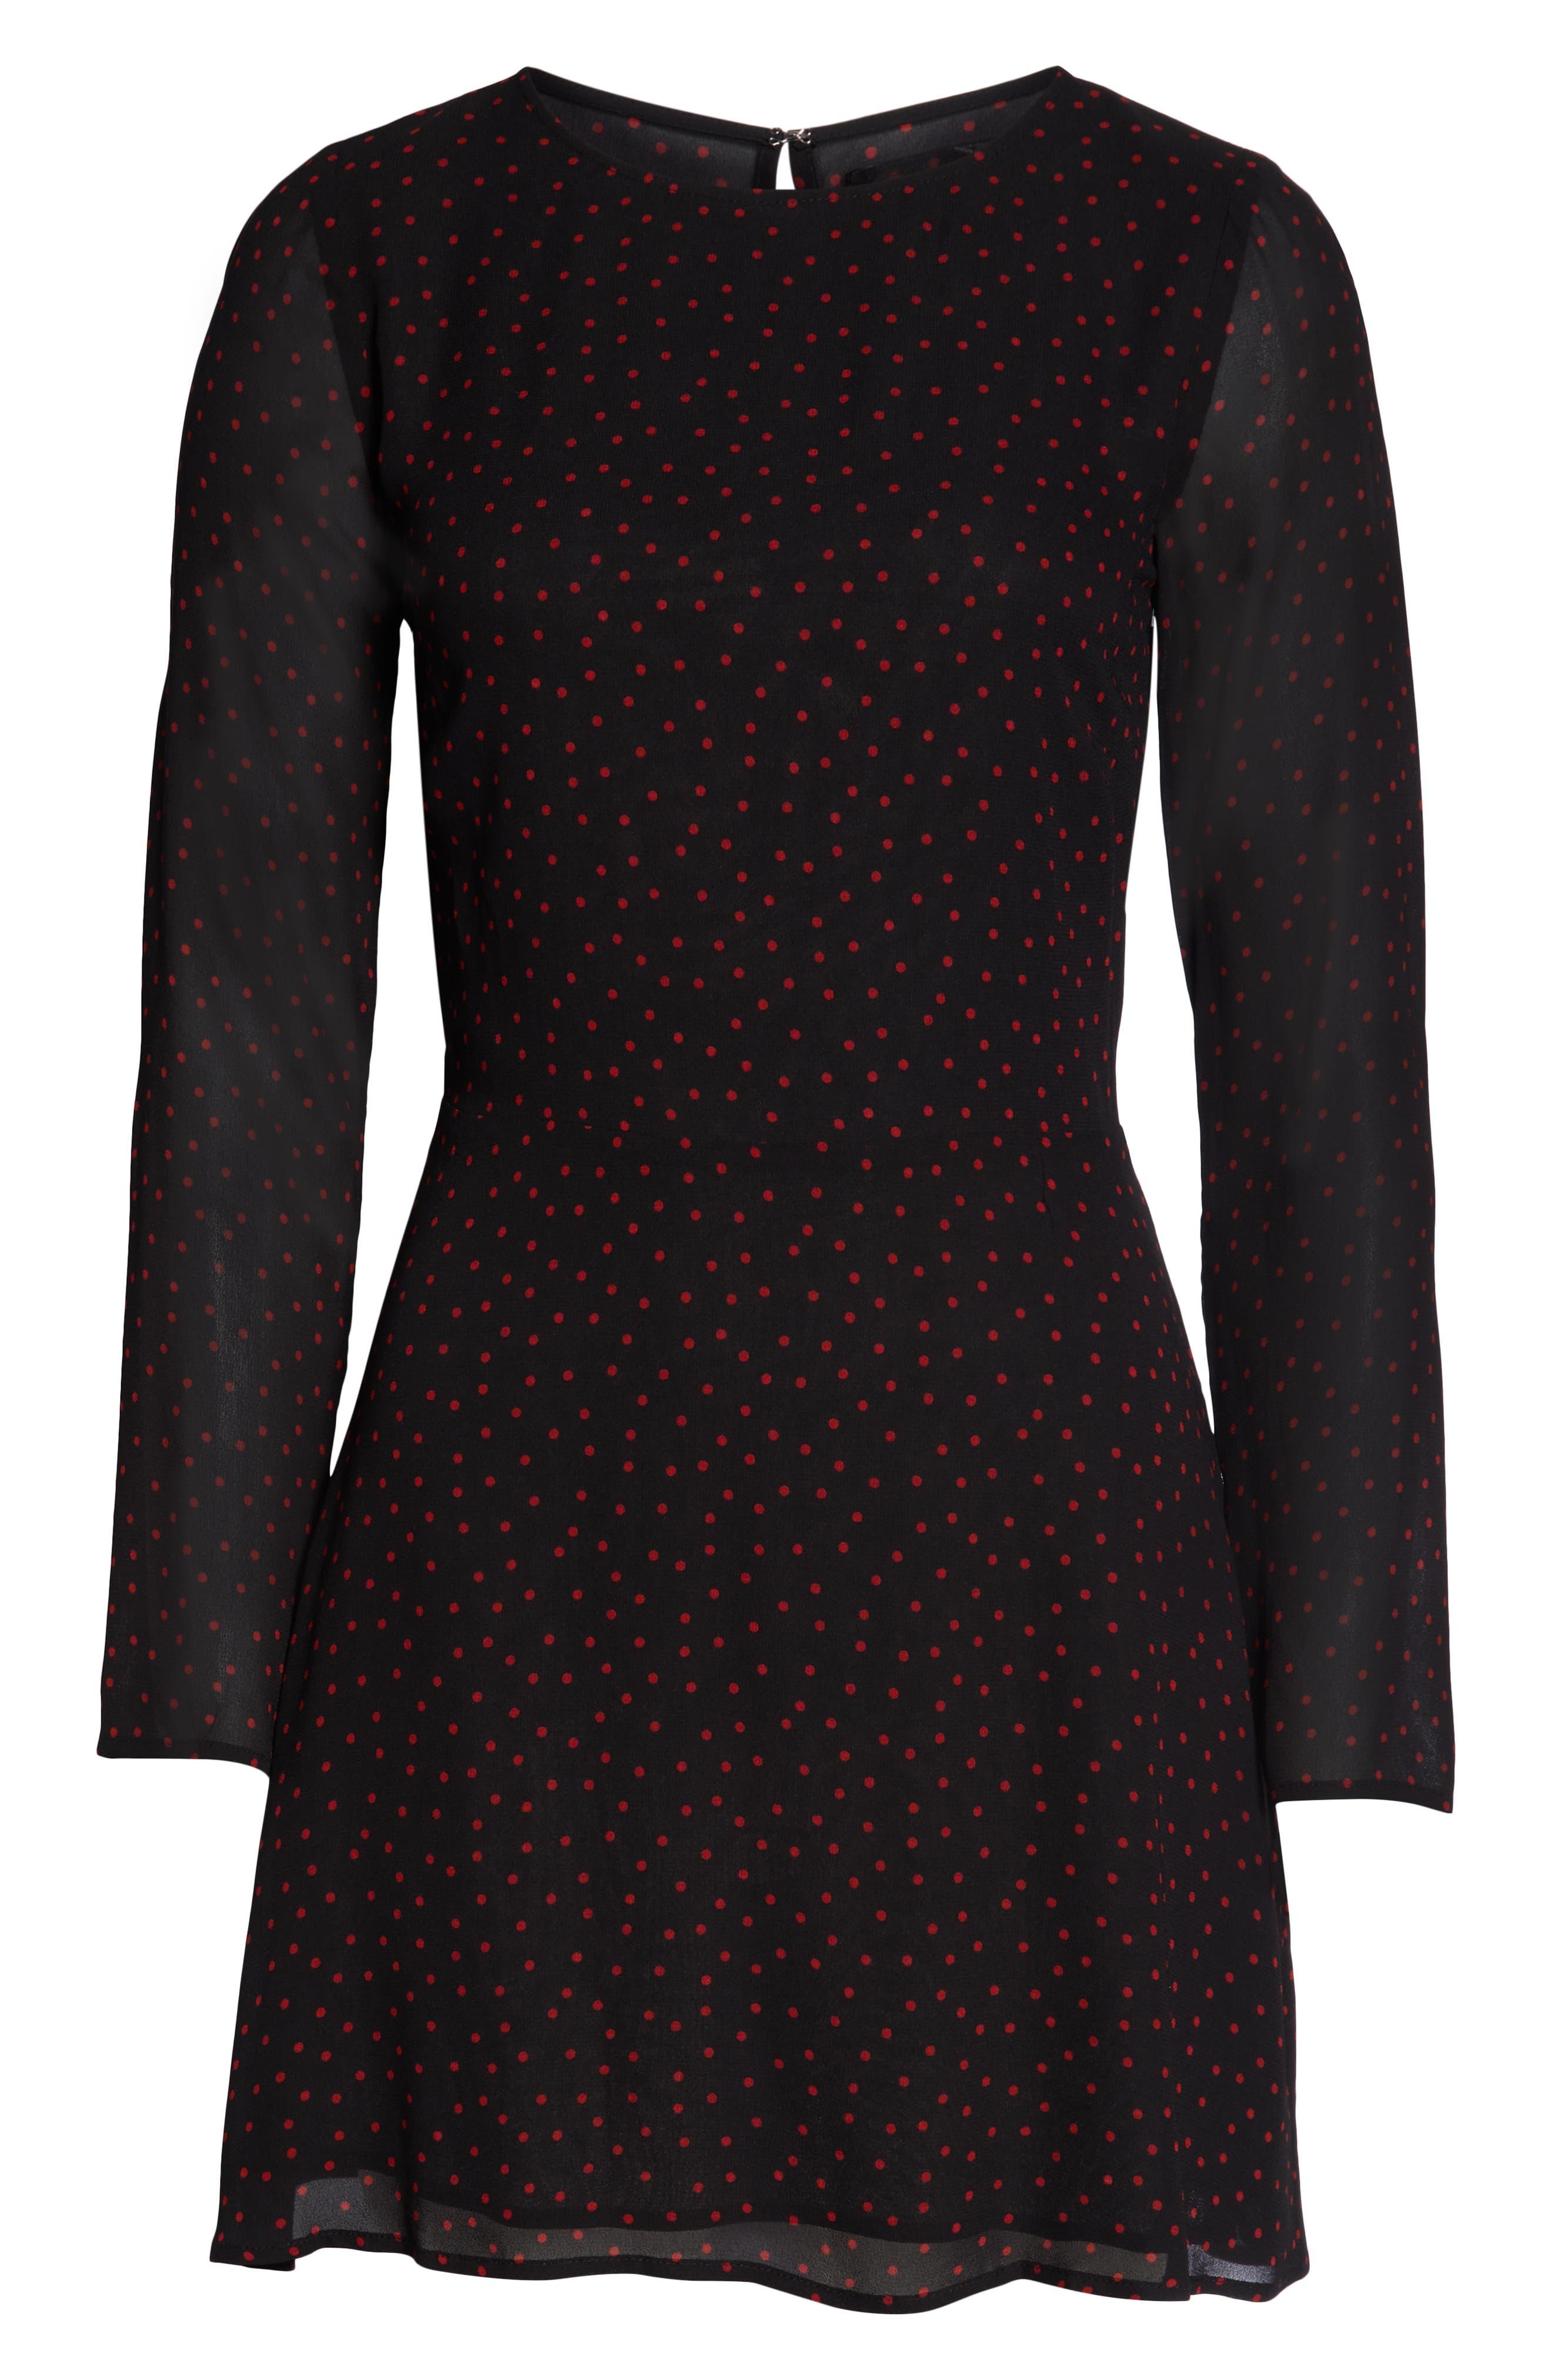 Mayra Dress,                             Alternate thumbnail 7, color,                             NATALIA